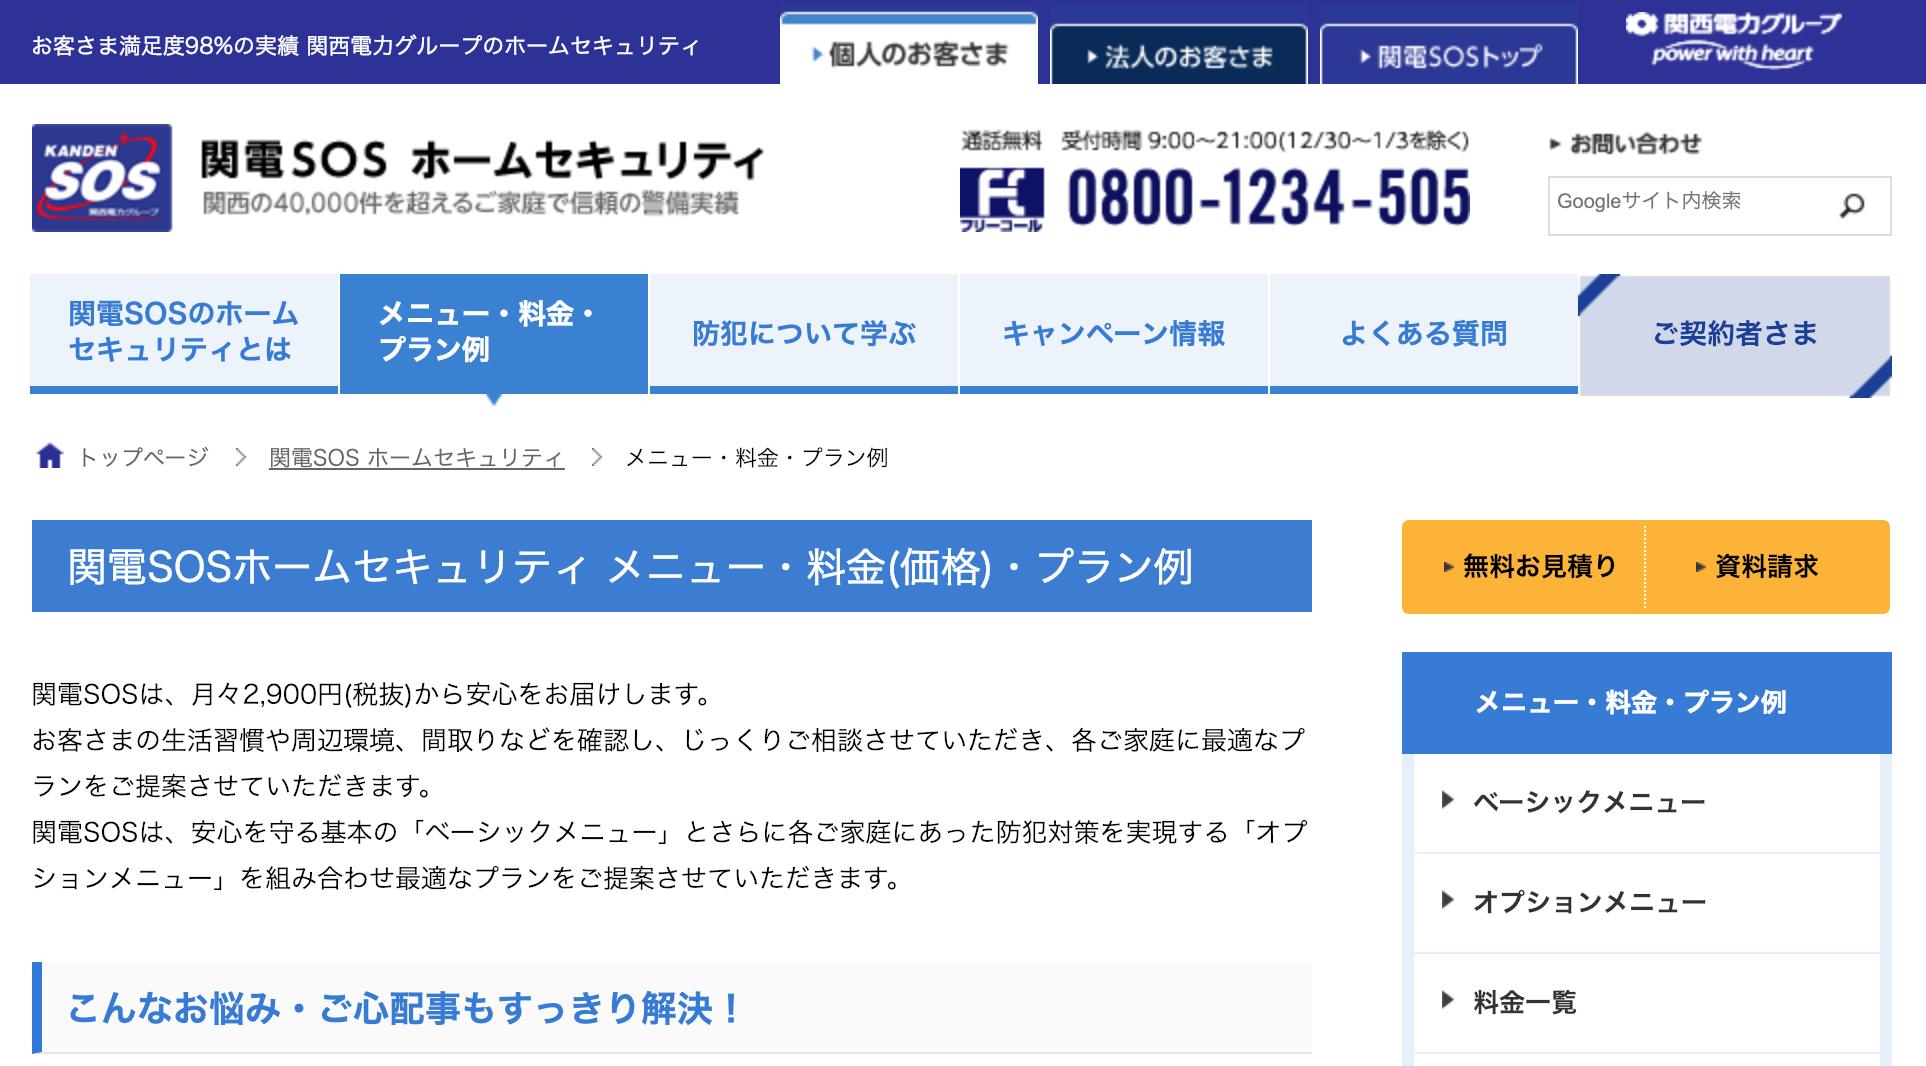 関電SOSの公式サイト